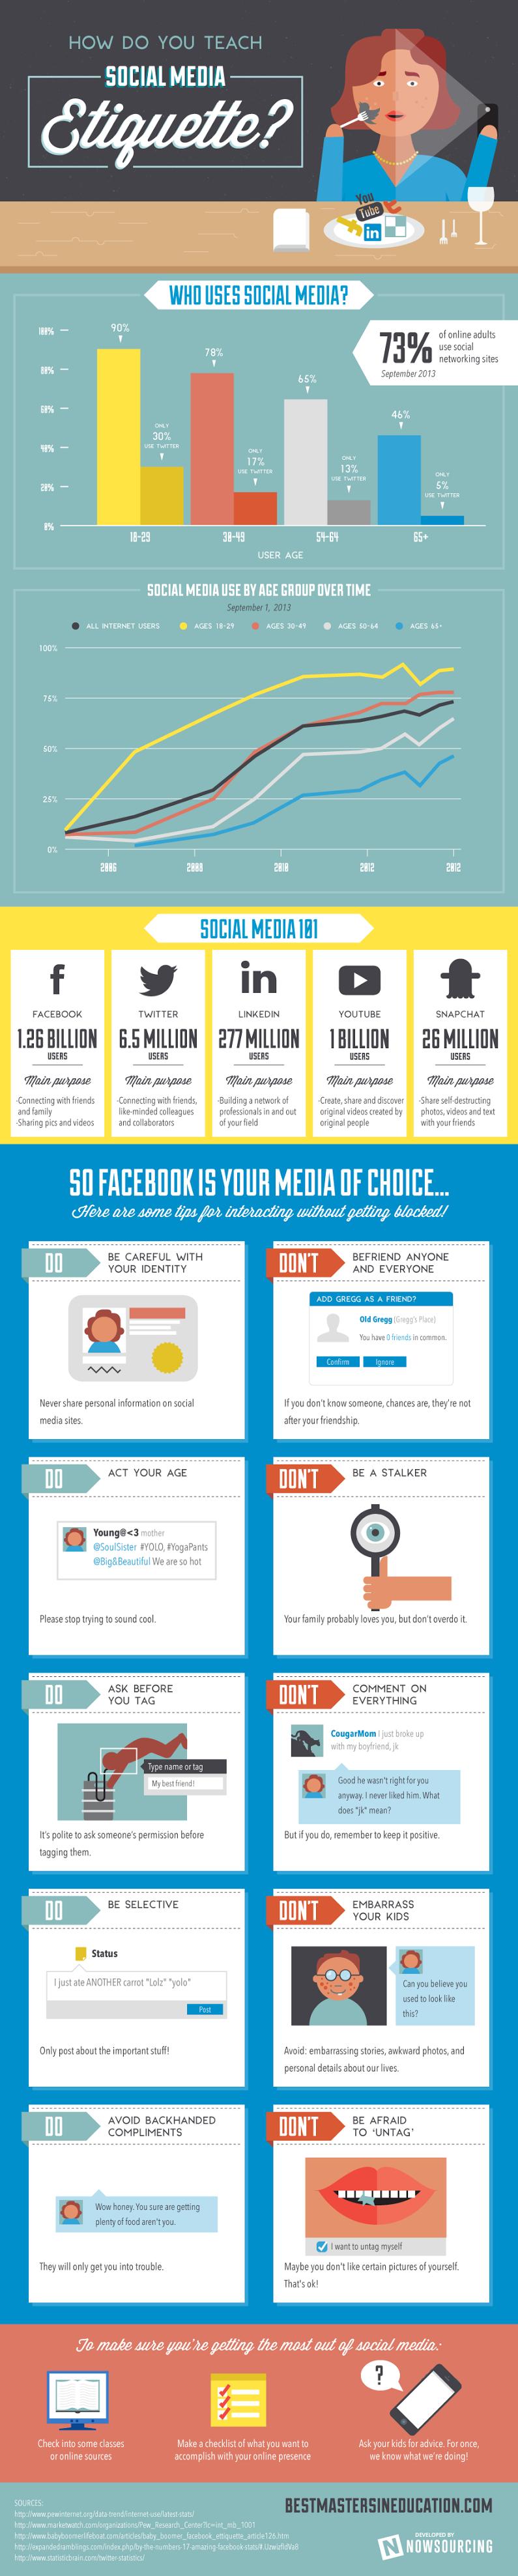 How Do You Teach Social Media Etiquette? - infographic